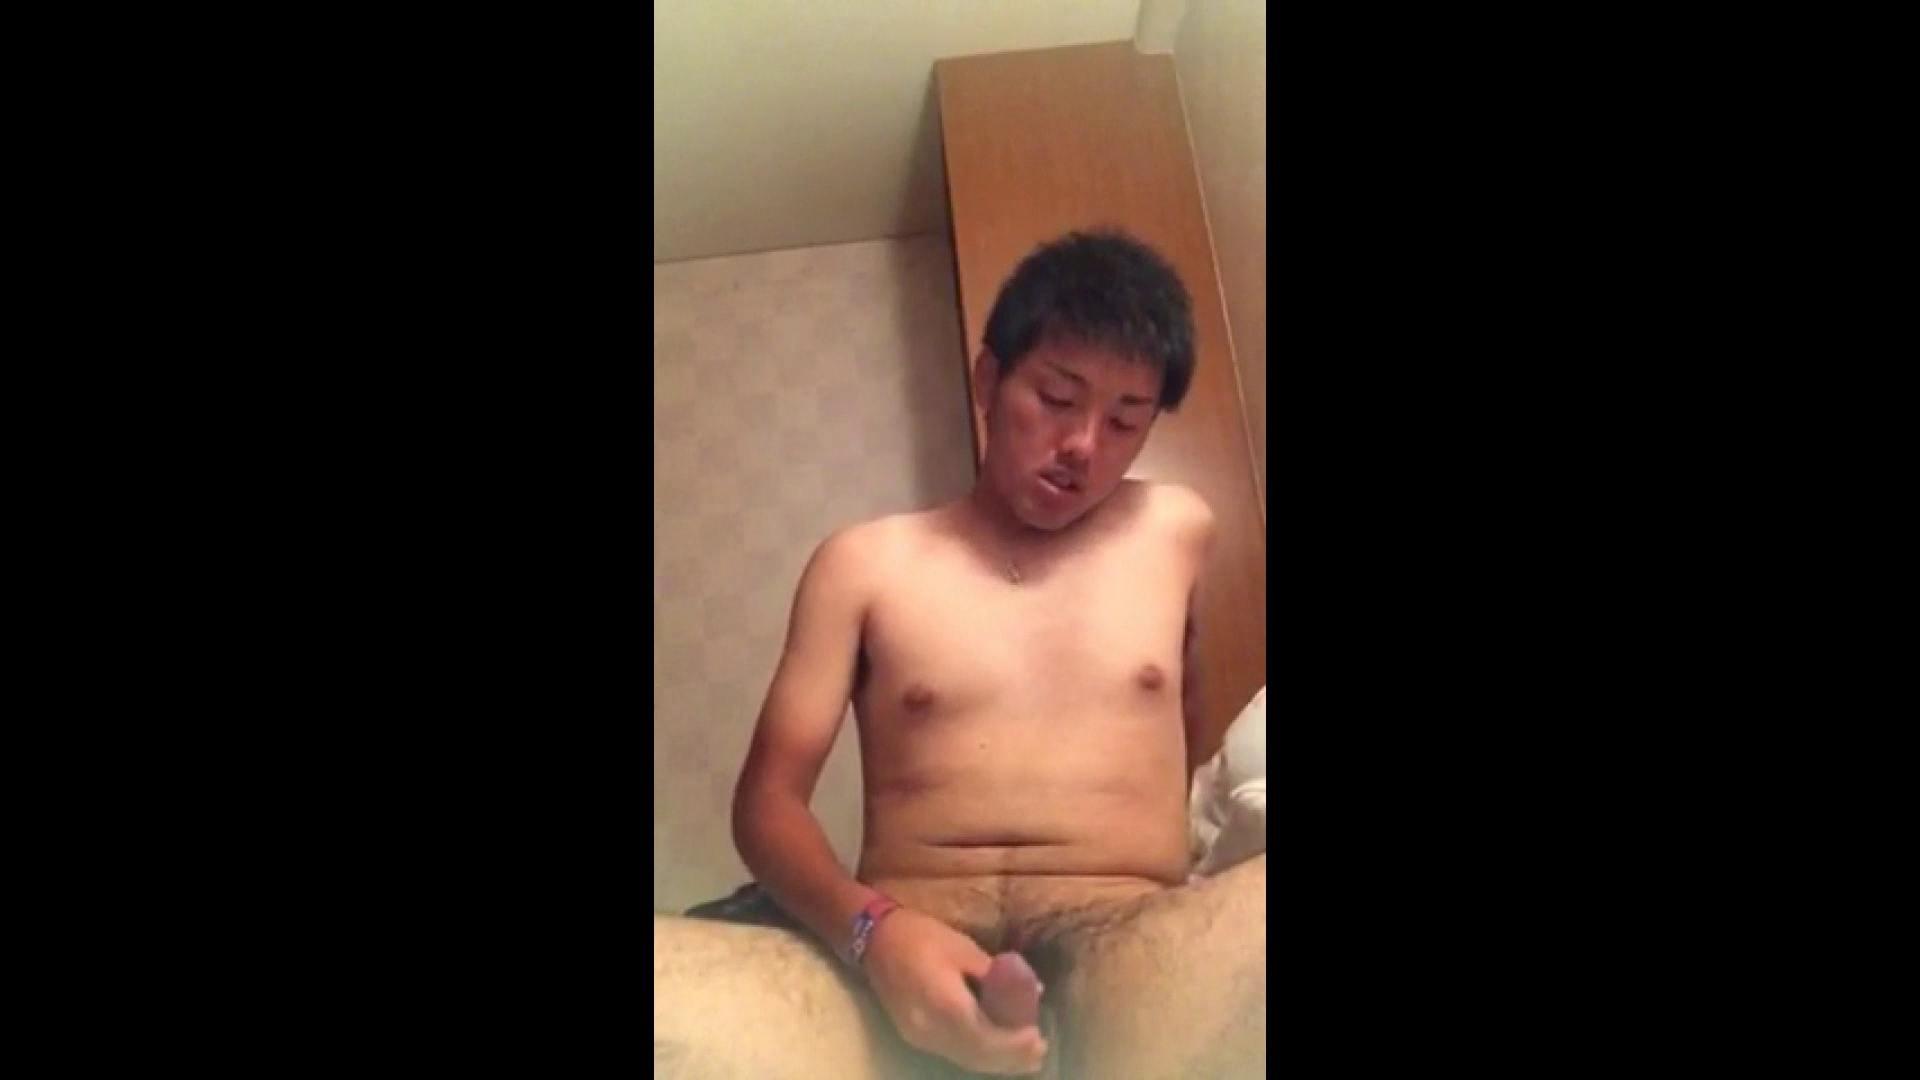 ノンケちゃんたちのハー!ハー!!オナニーvol.29 フェチ ゲイエロ動画 36連発 18